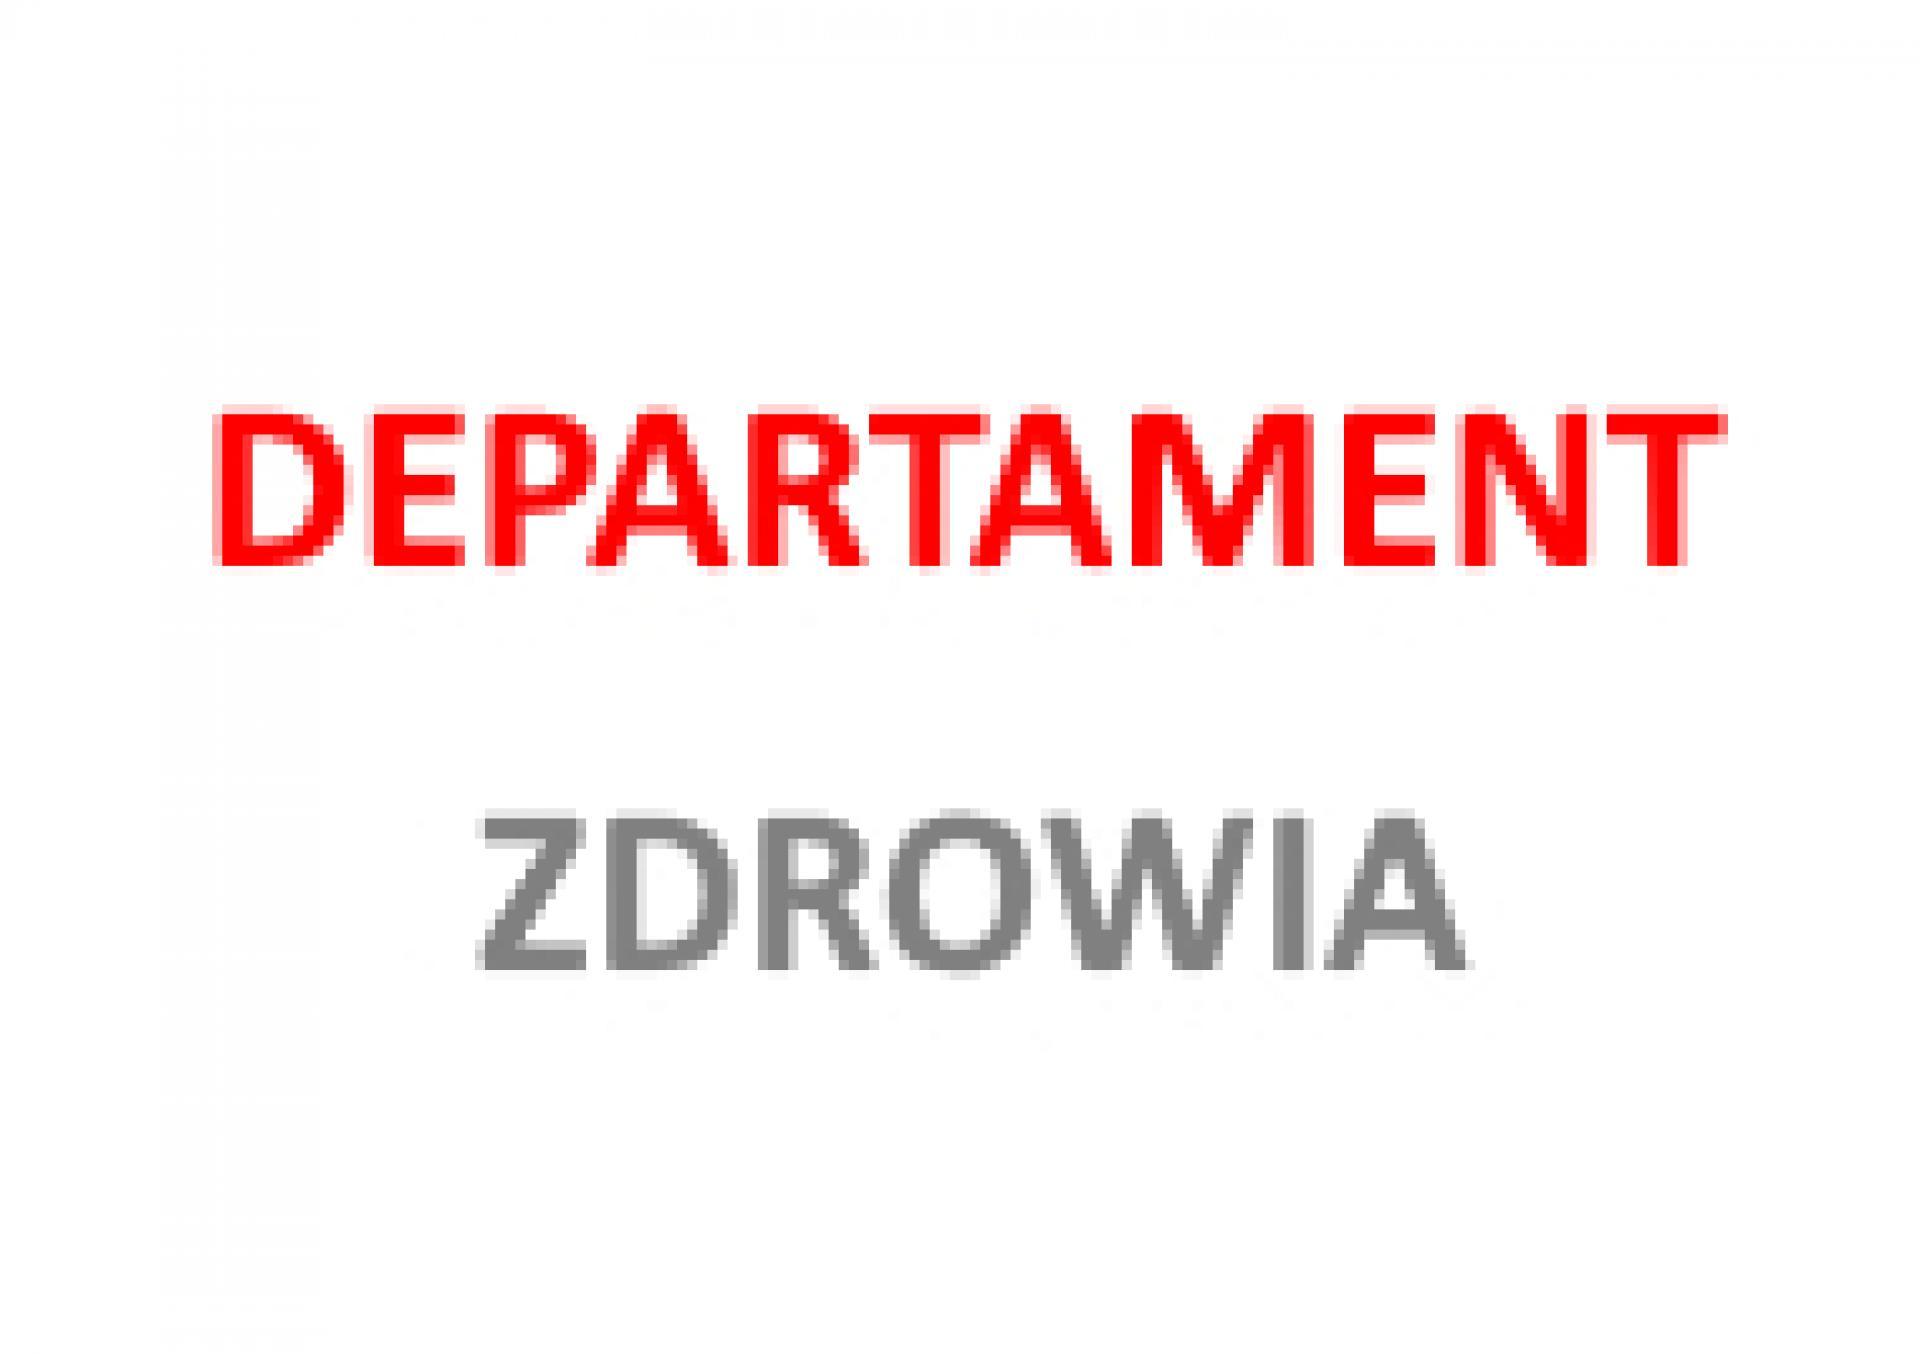 Konsultacje projektu uchwały Sejmiku zmieniającej uchwałę w sprawie nadania statutu Szpitalowi Wojewódzkiemu w Poznaniu - zobacz więcej